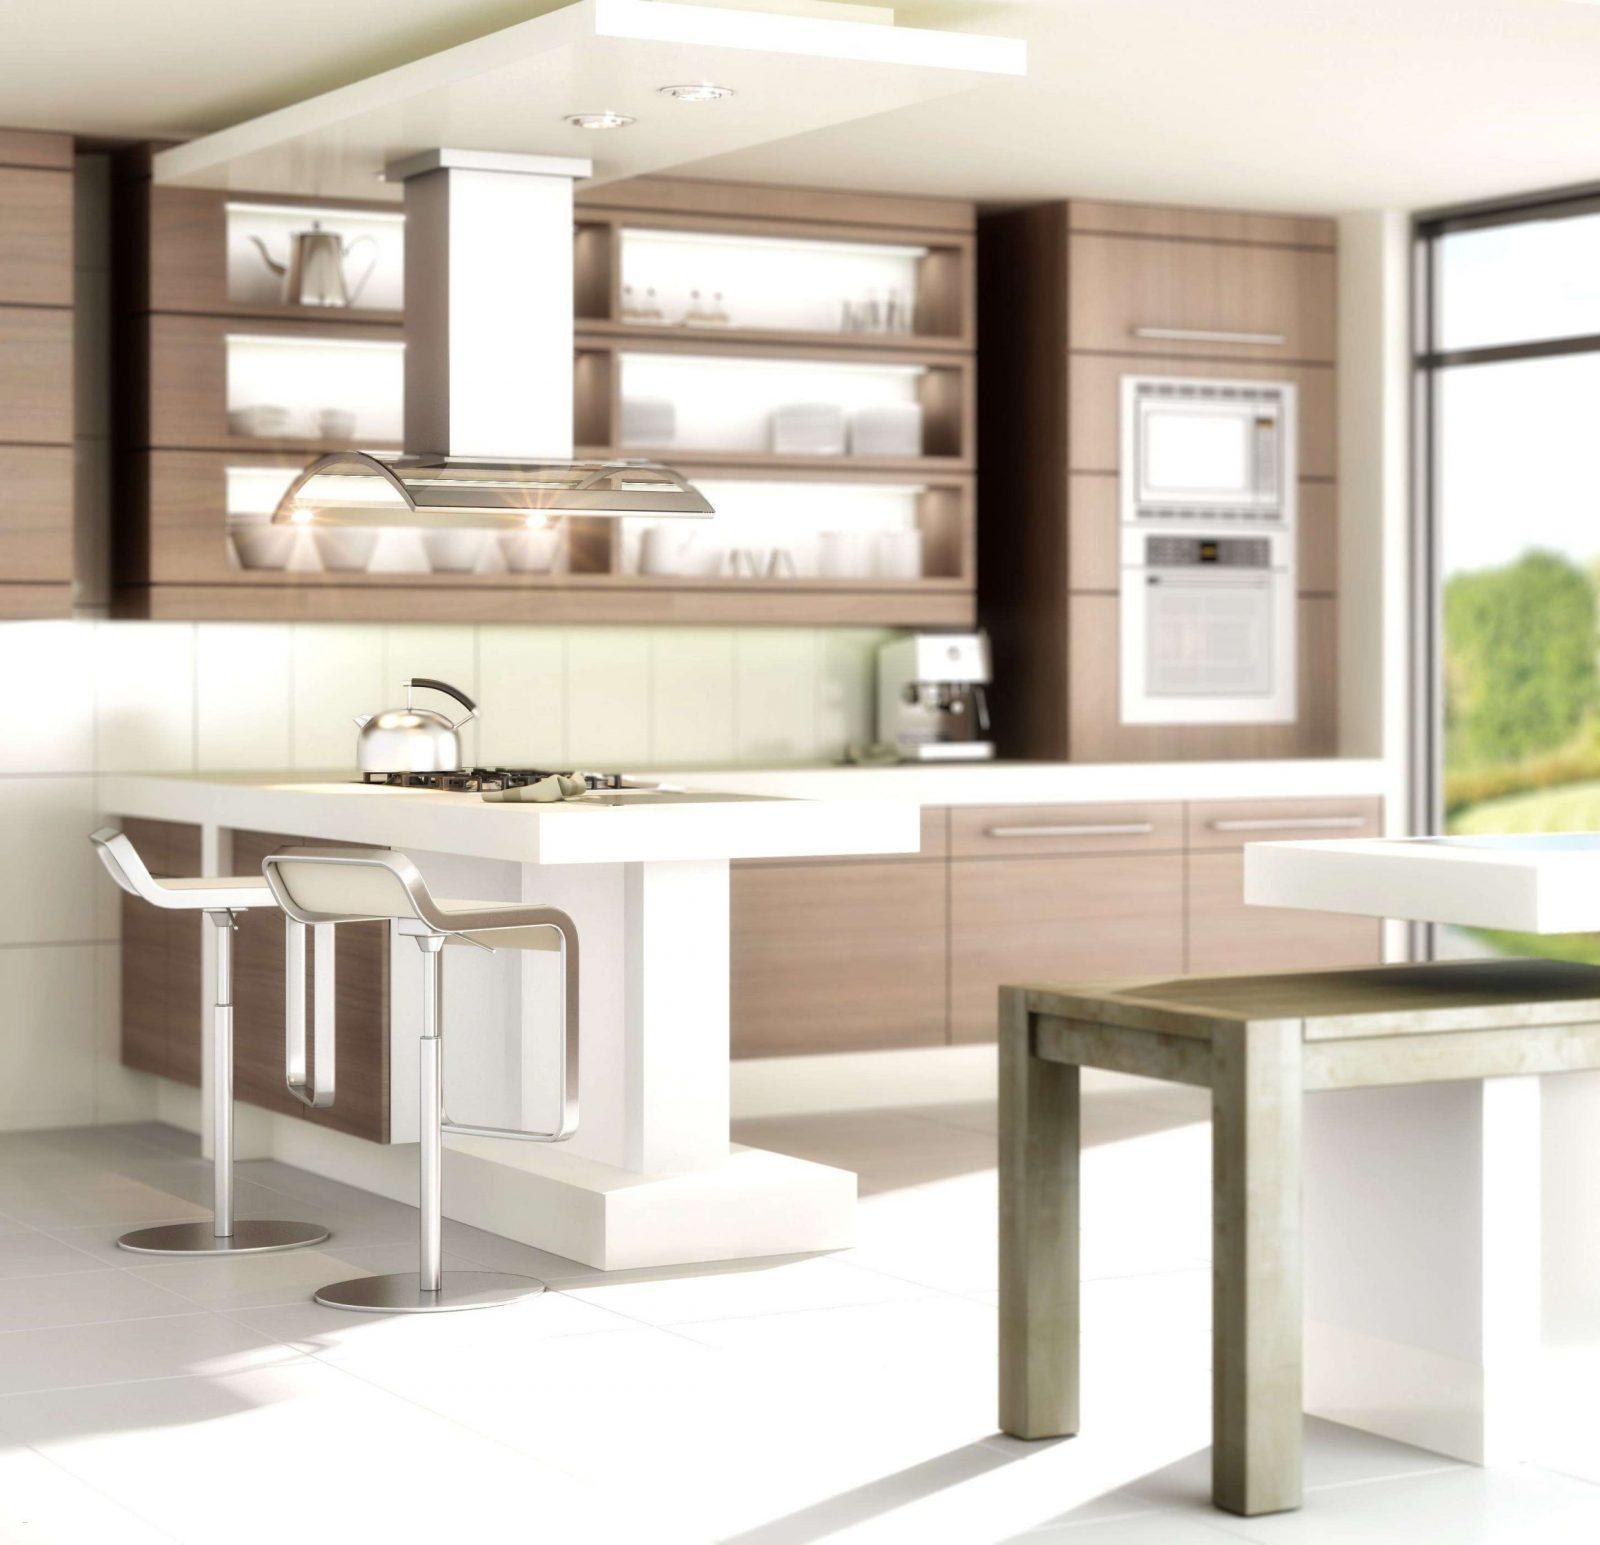 Küche Mit Kochinsel Ikea Küche…zweiter Akt  Küche  Küche von Ikea Küche Mit Kochinsel Photo